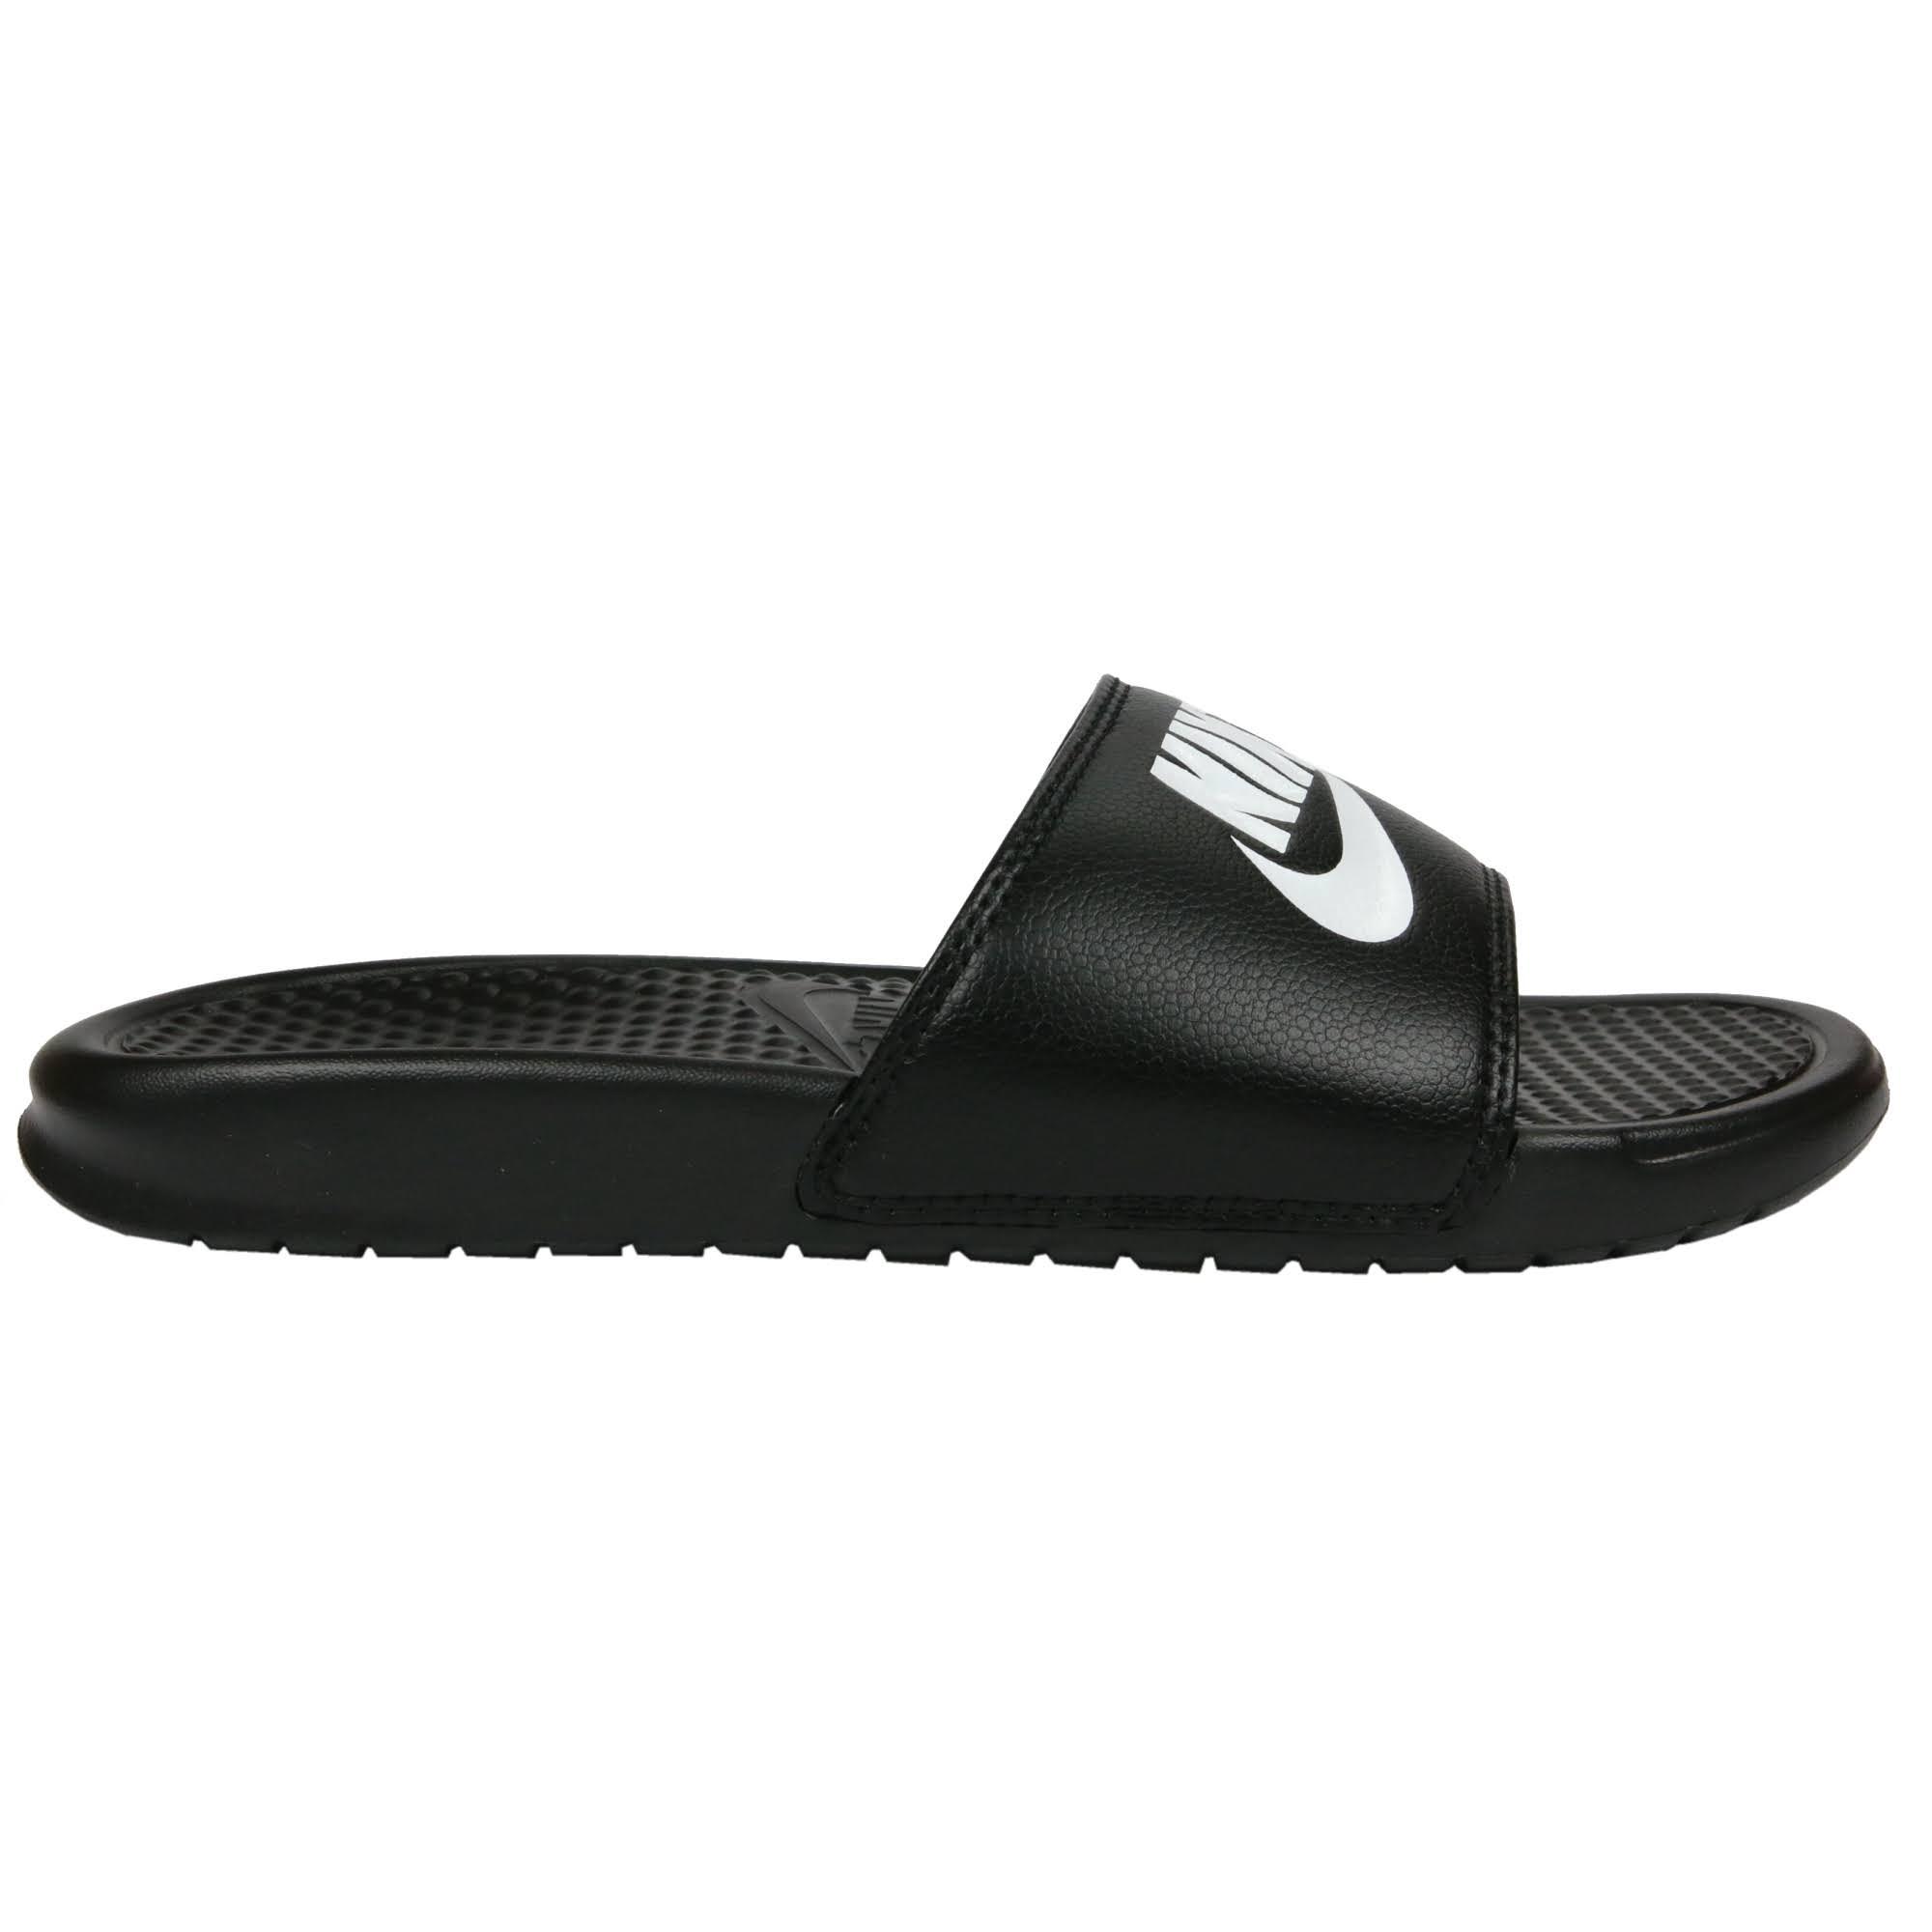 090 Homme Nike 343880 Blanc Jdi Benassi Sandales Noir hommes pSSTUYq